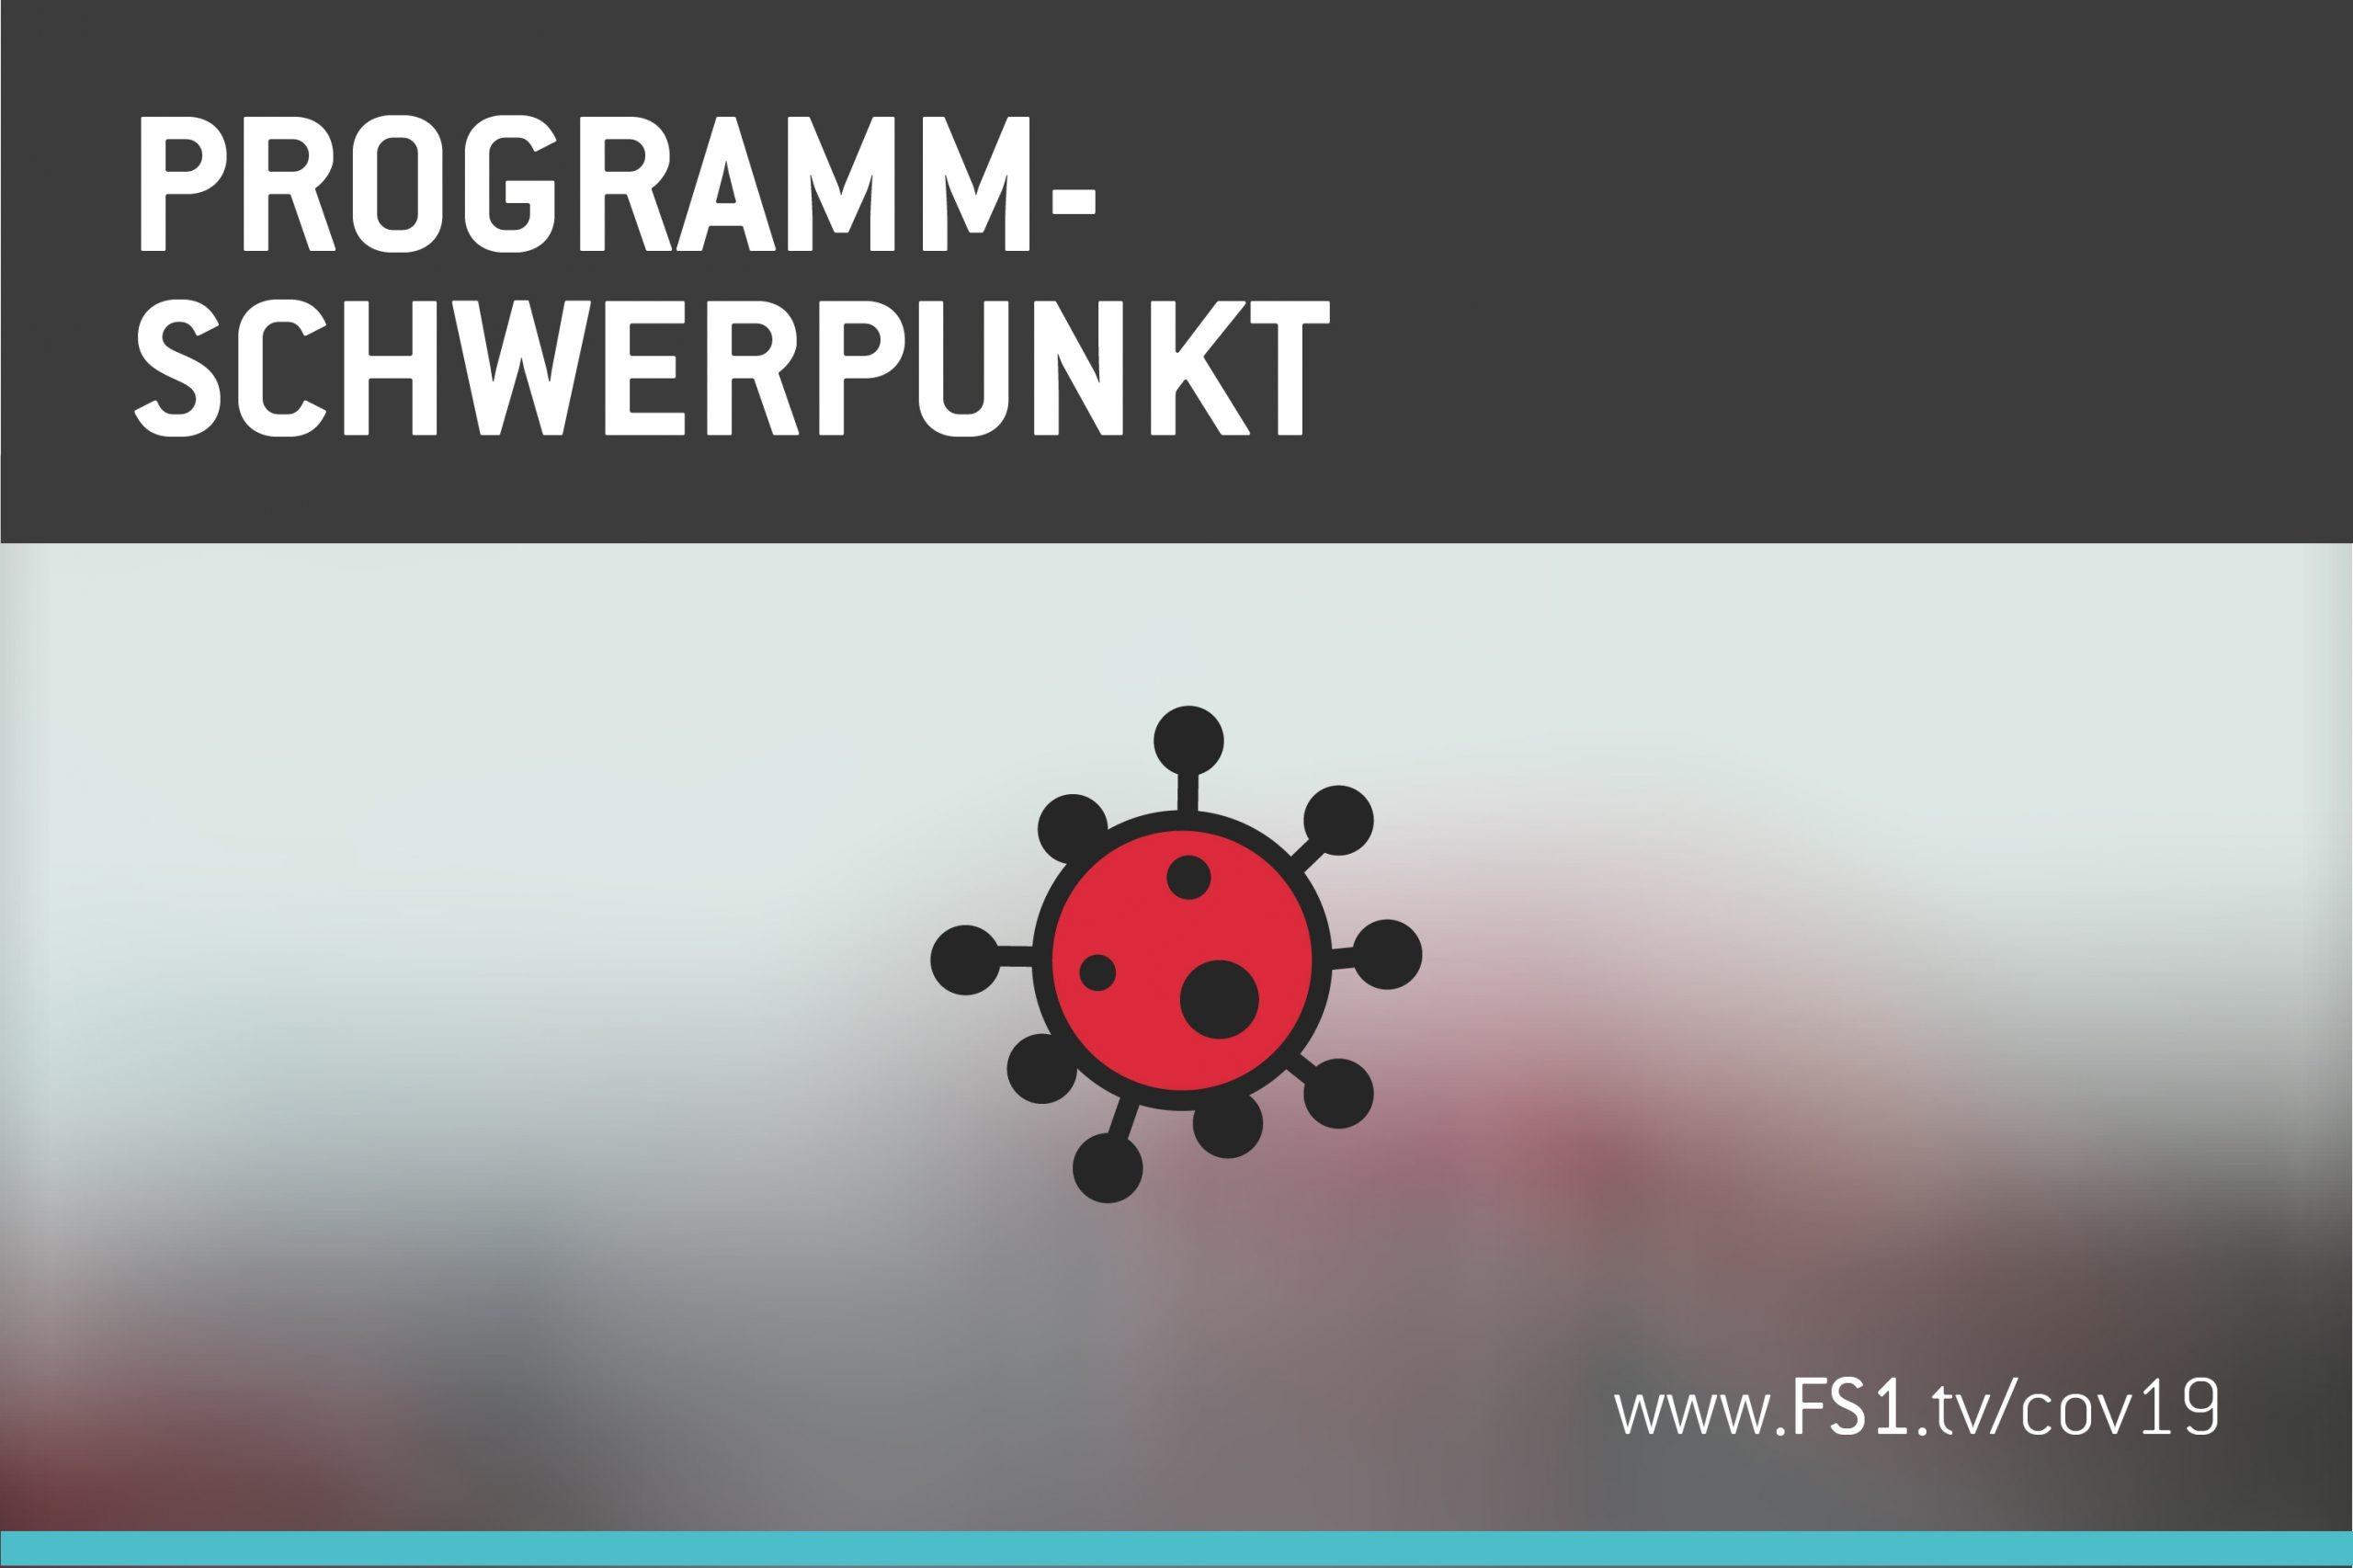 FS1 Programmschwerpunkt